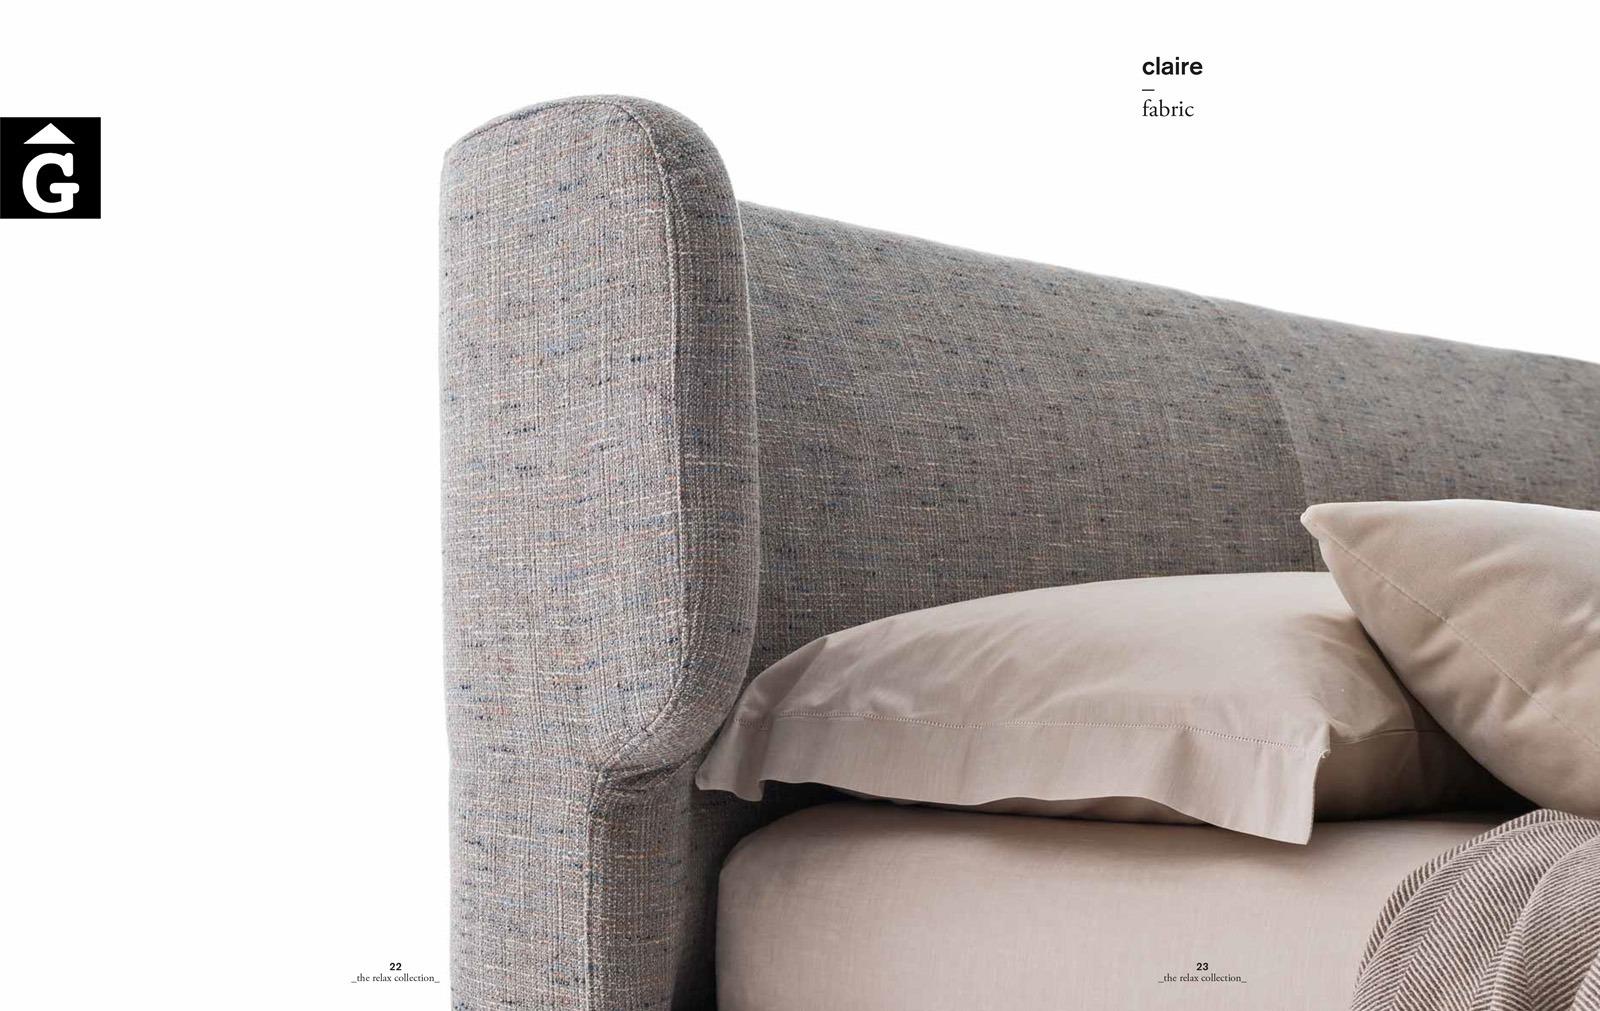 Claire llit entapissat detall - Ditre Italia llits entapissats disseny i qualitat alta by mobles Gifreu